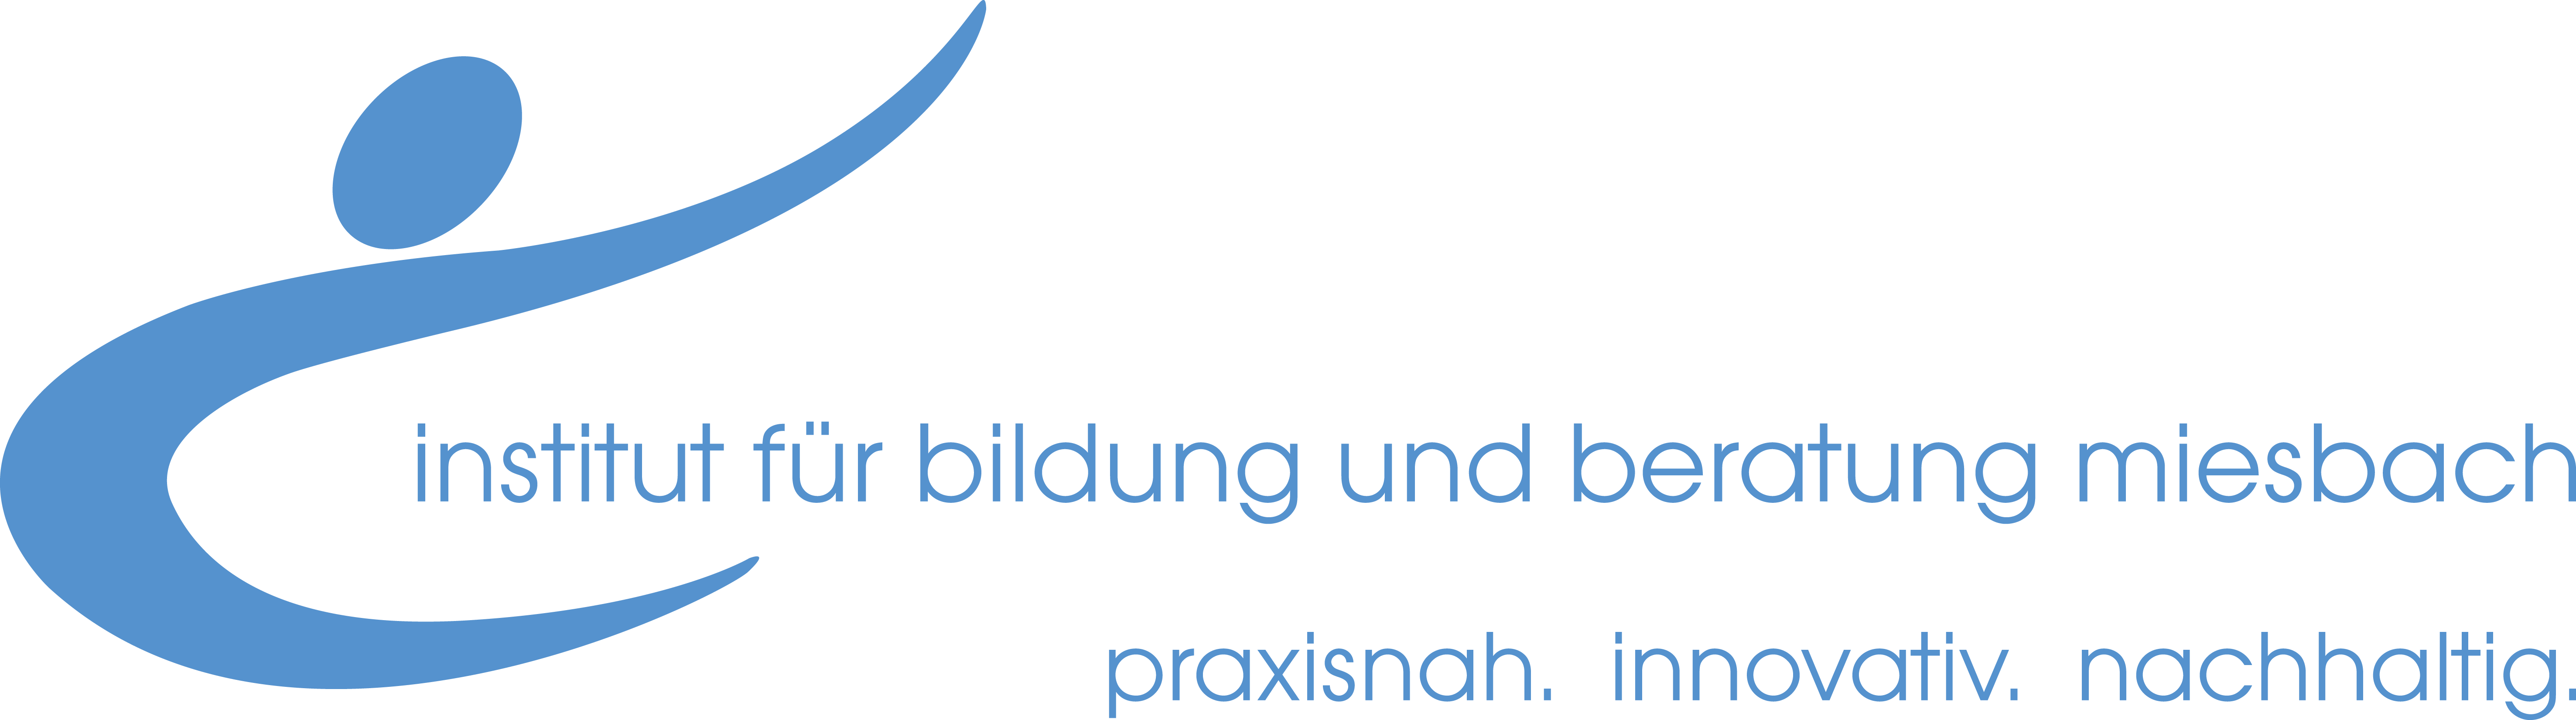 IBB Miesbach (Institut für Bildung & Beratung)